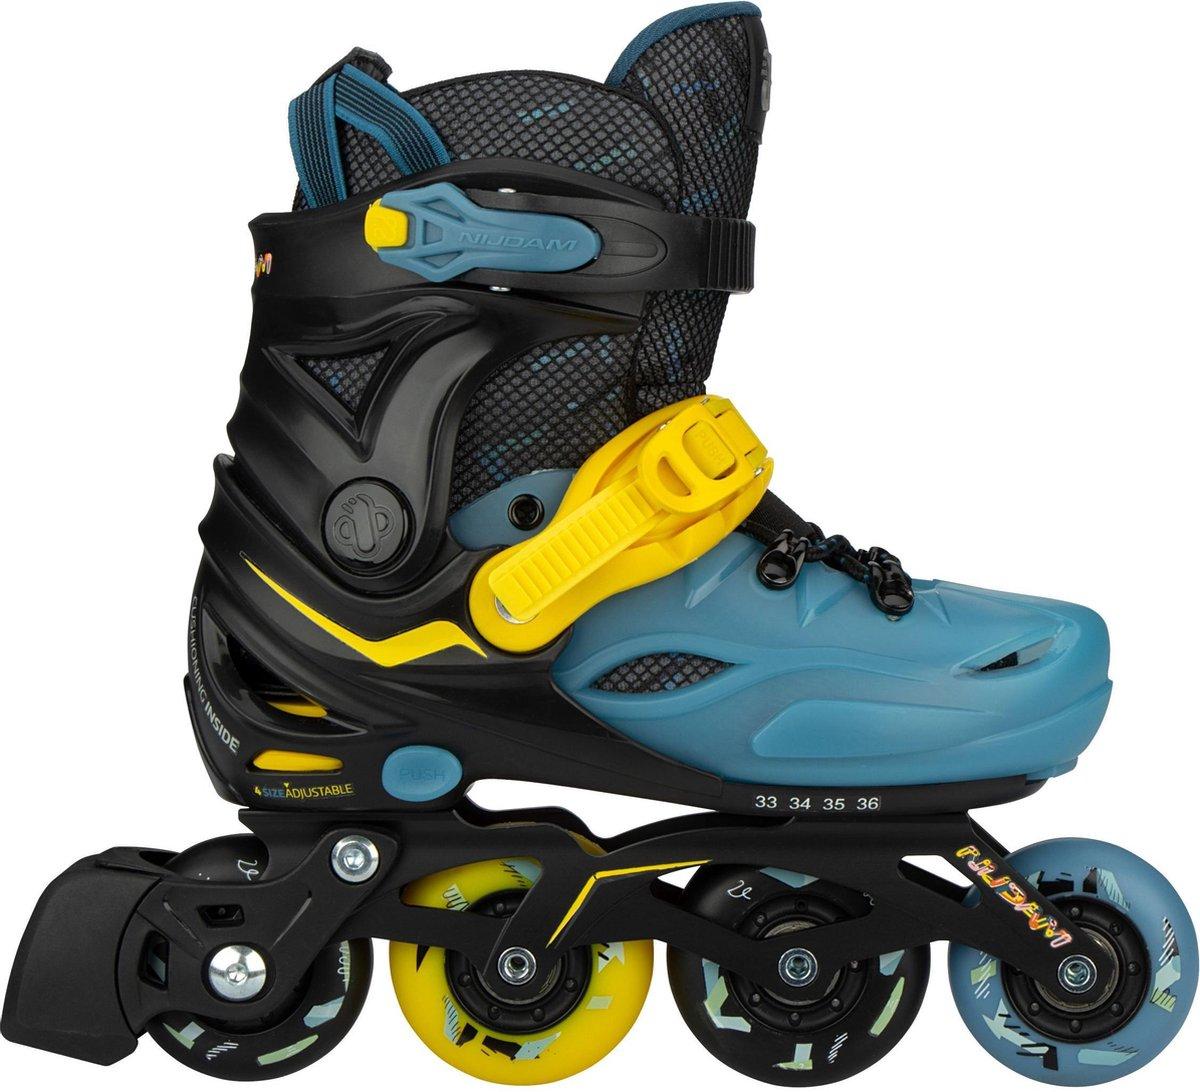 Nijdam Inline Skates Verstelbaar - 37-40 - Blacktop Game - Zwart/Blauw